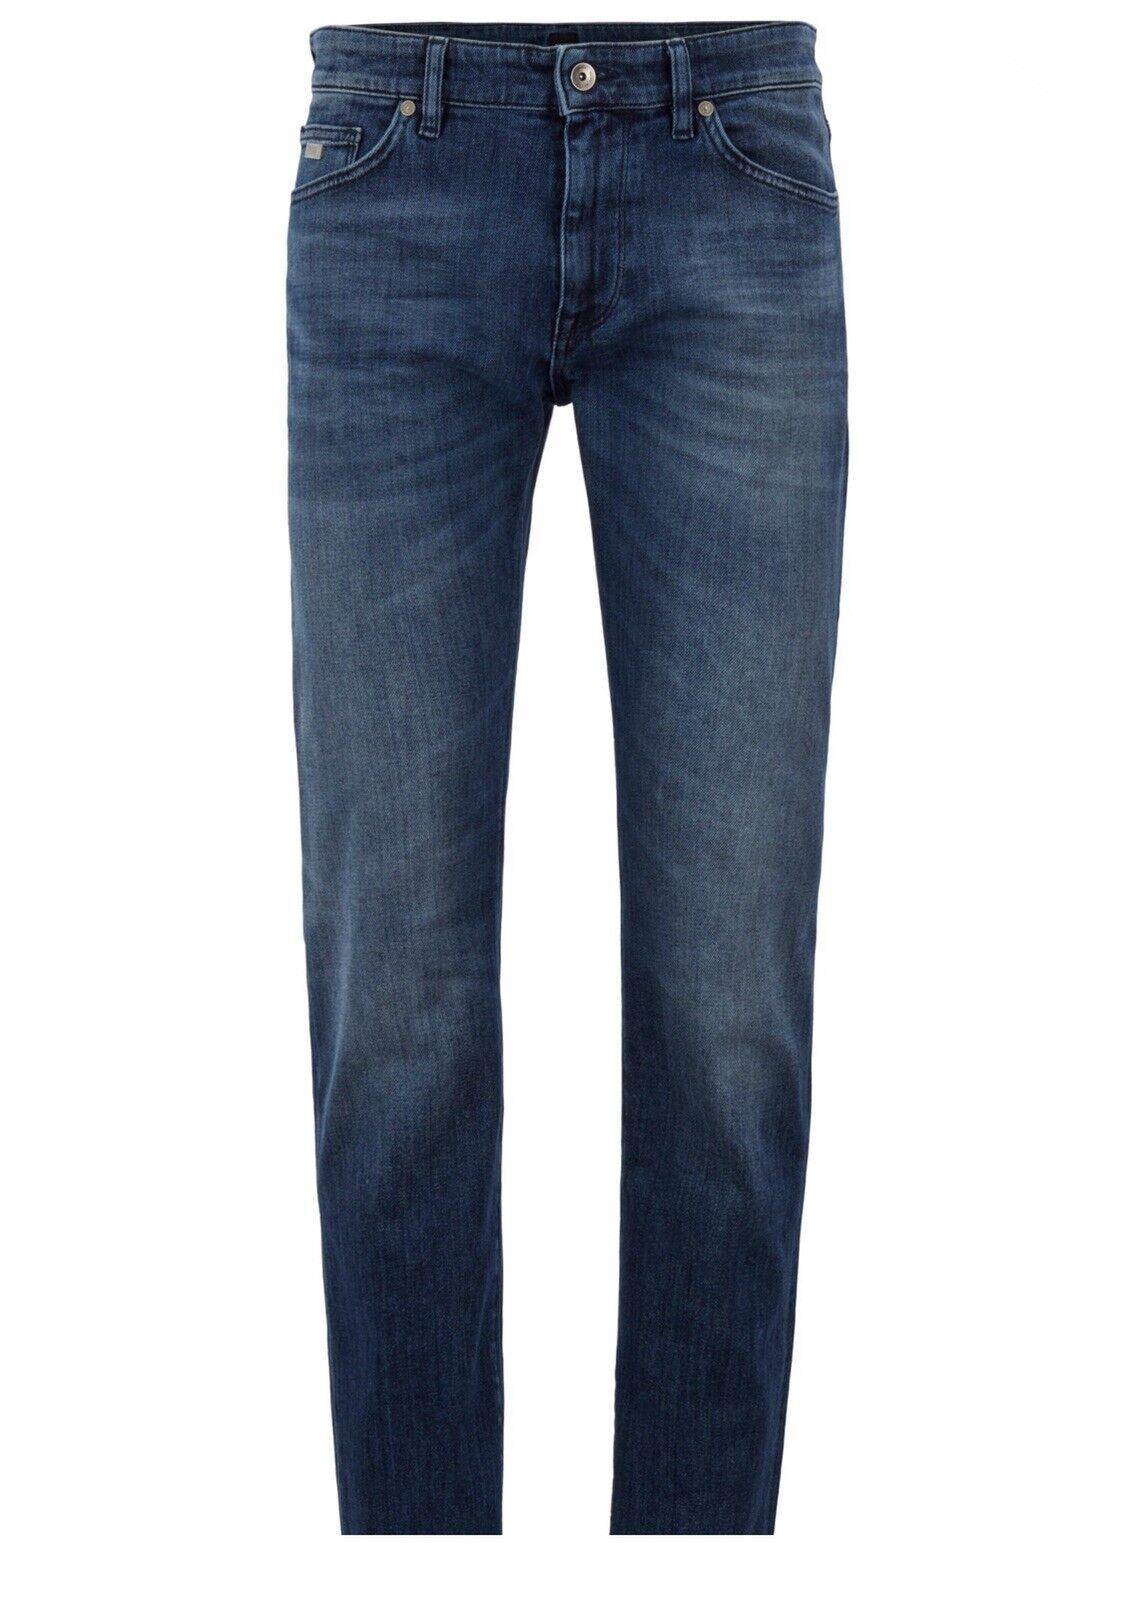 Jeans da Uomo 34 vita 32 gamba by Hugo Boss AM AINE 3' NUOVA COLLEZIONE-PREZZO D'AFFARE